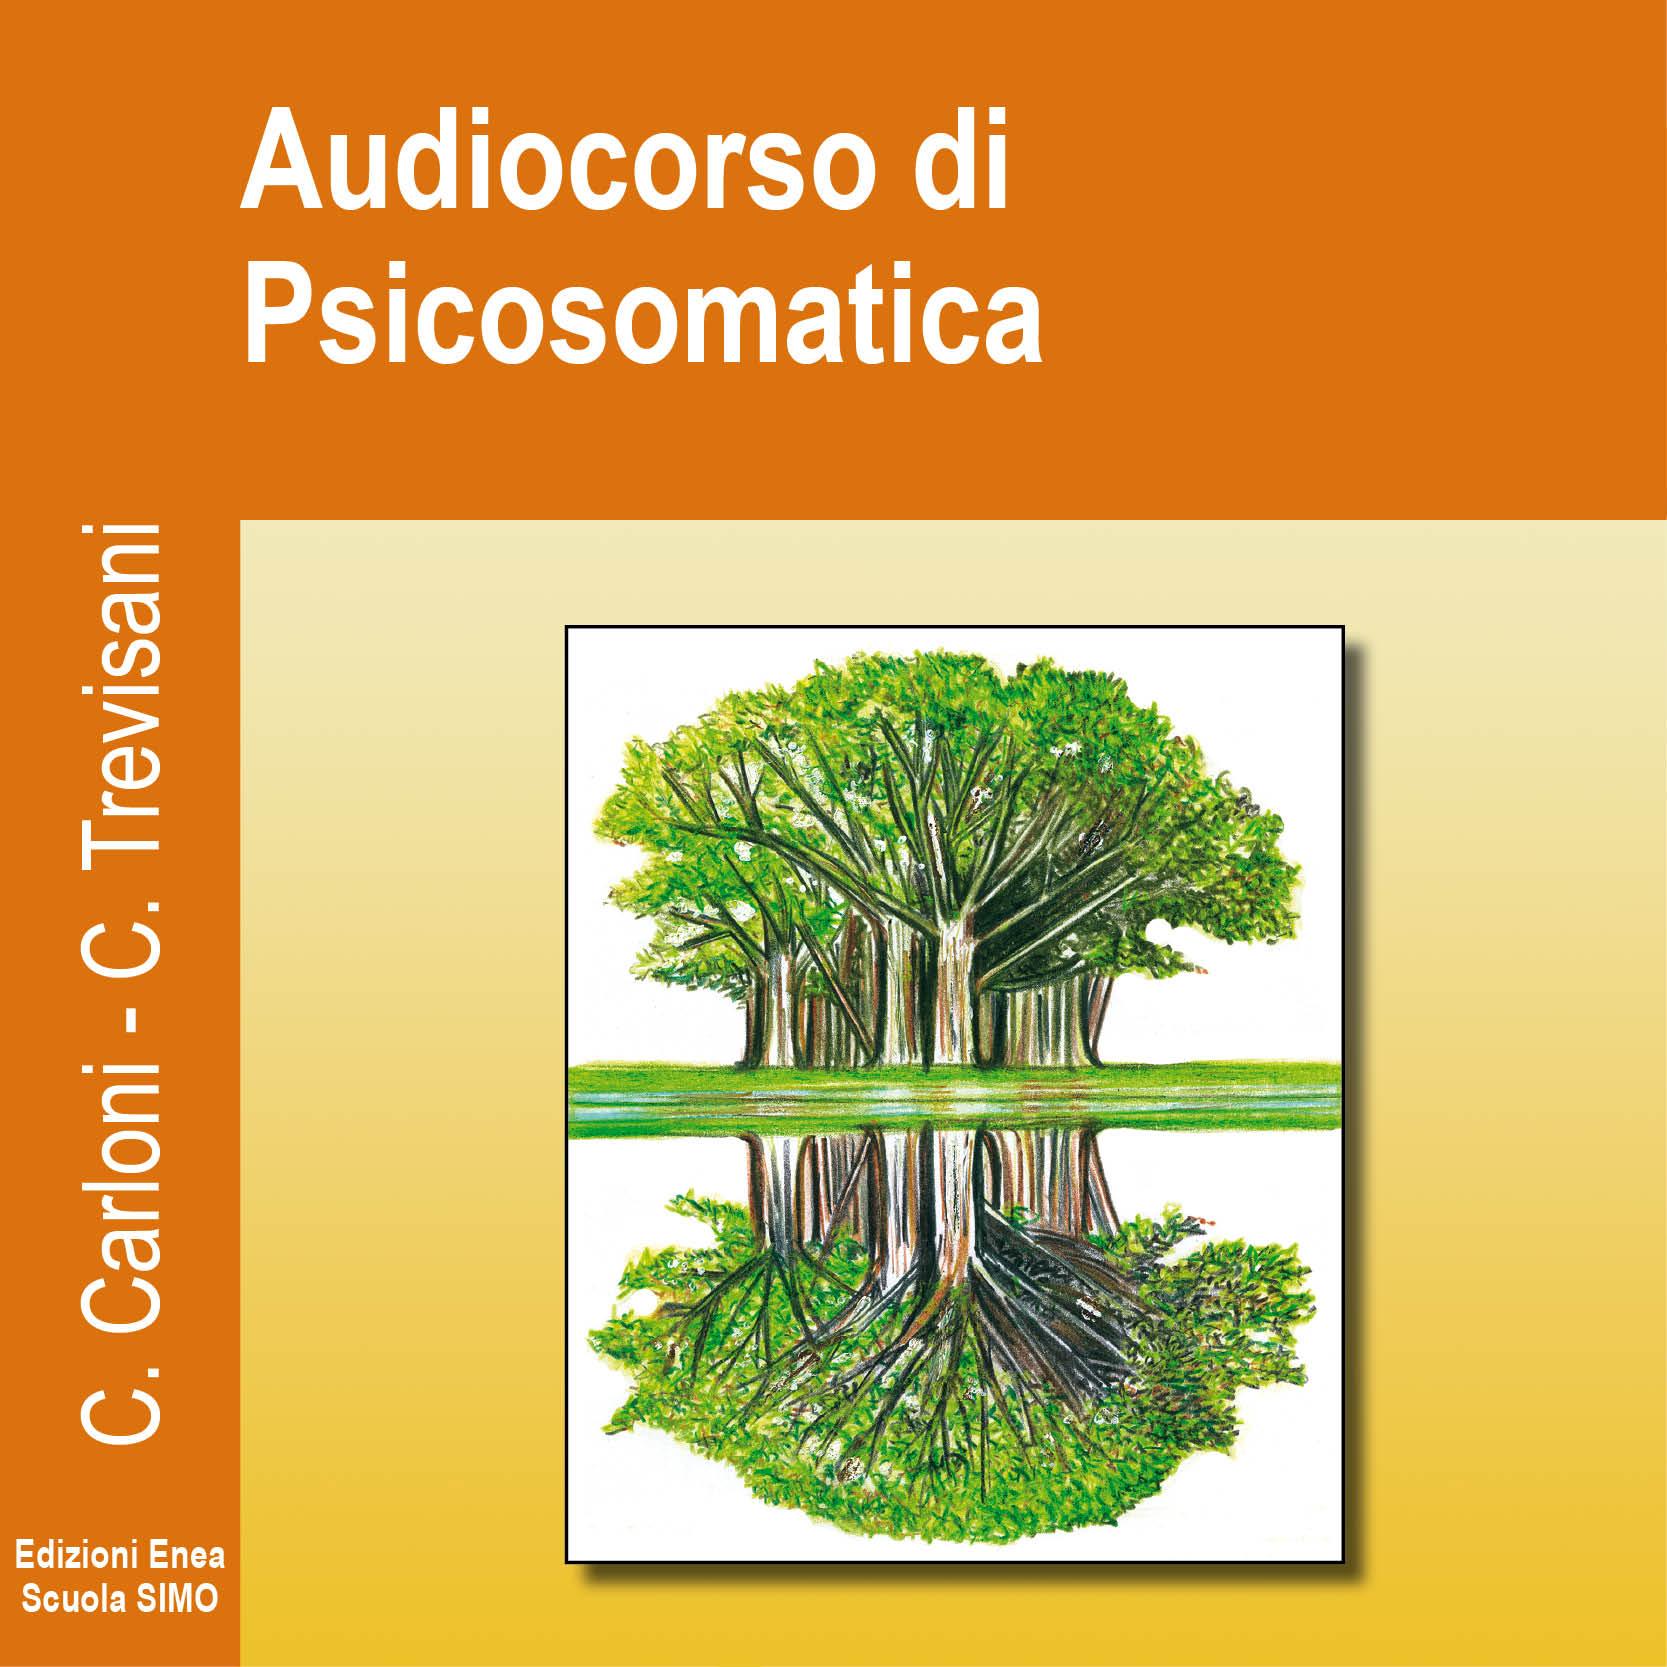 Audiocorso di Psicosomatica-0